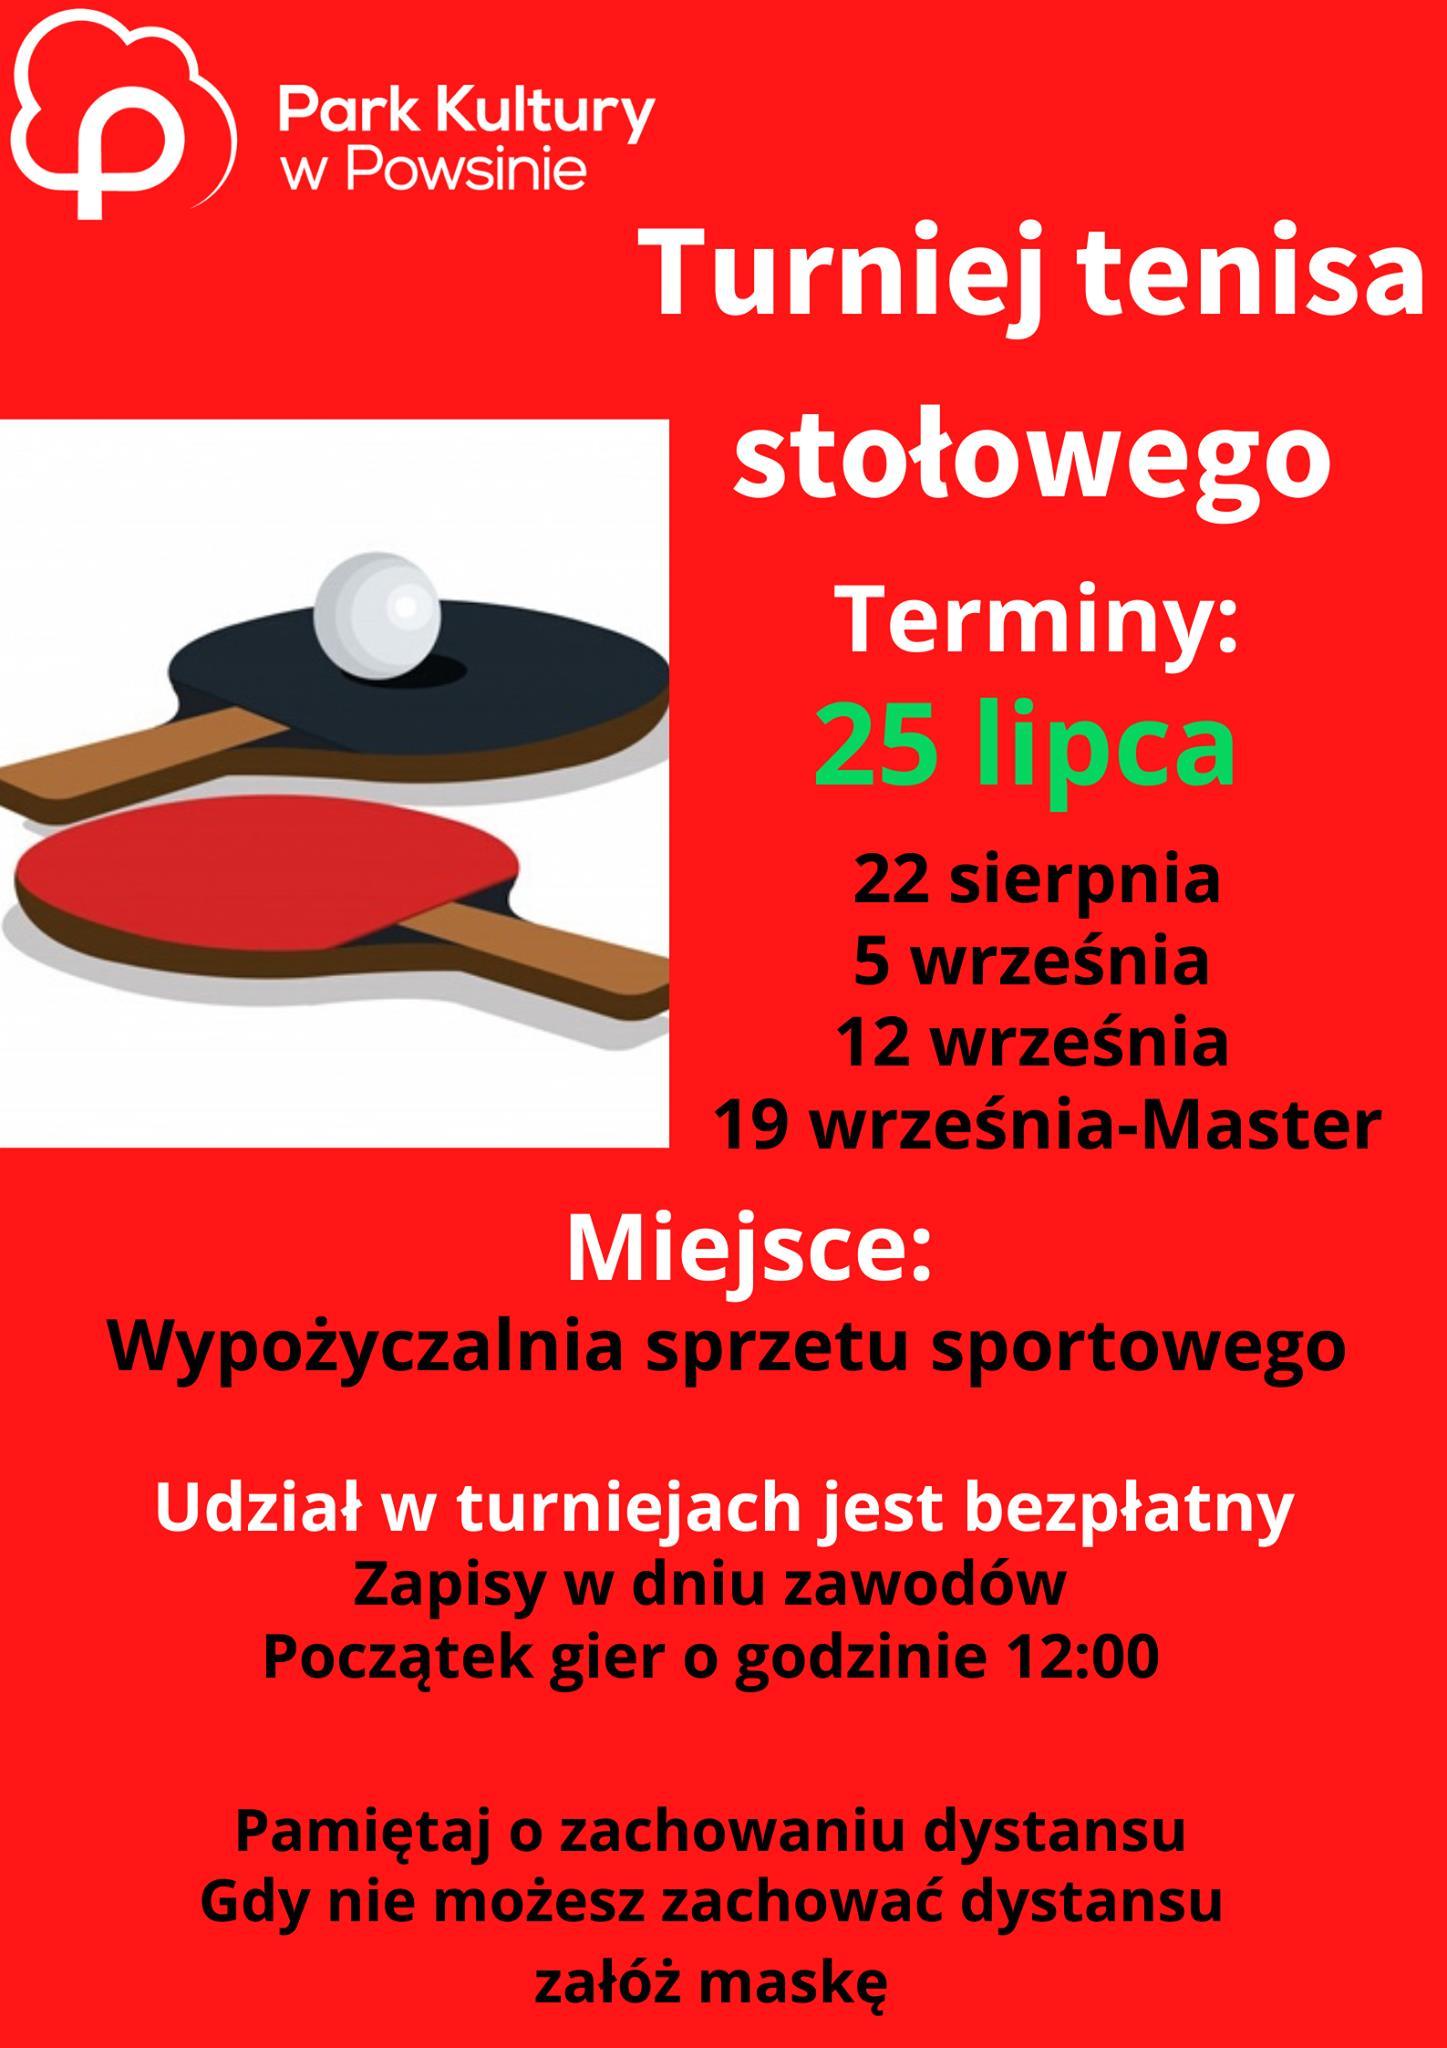 Plakat turnieju Cykl turniejów w tenisie stołowym w Parku Kultury w Powsinie 2020 - 2 termin